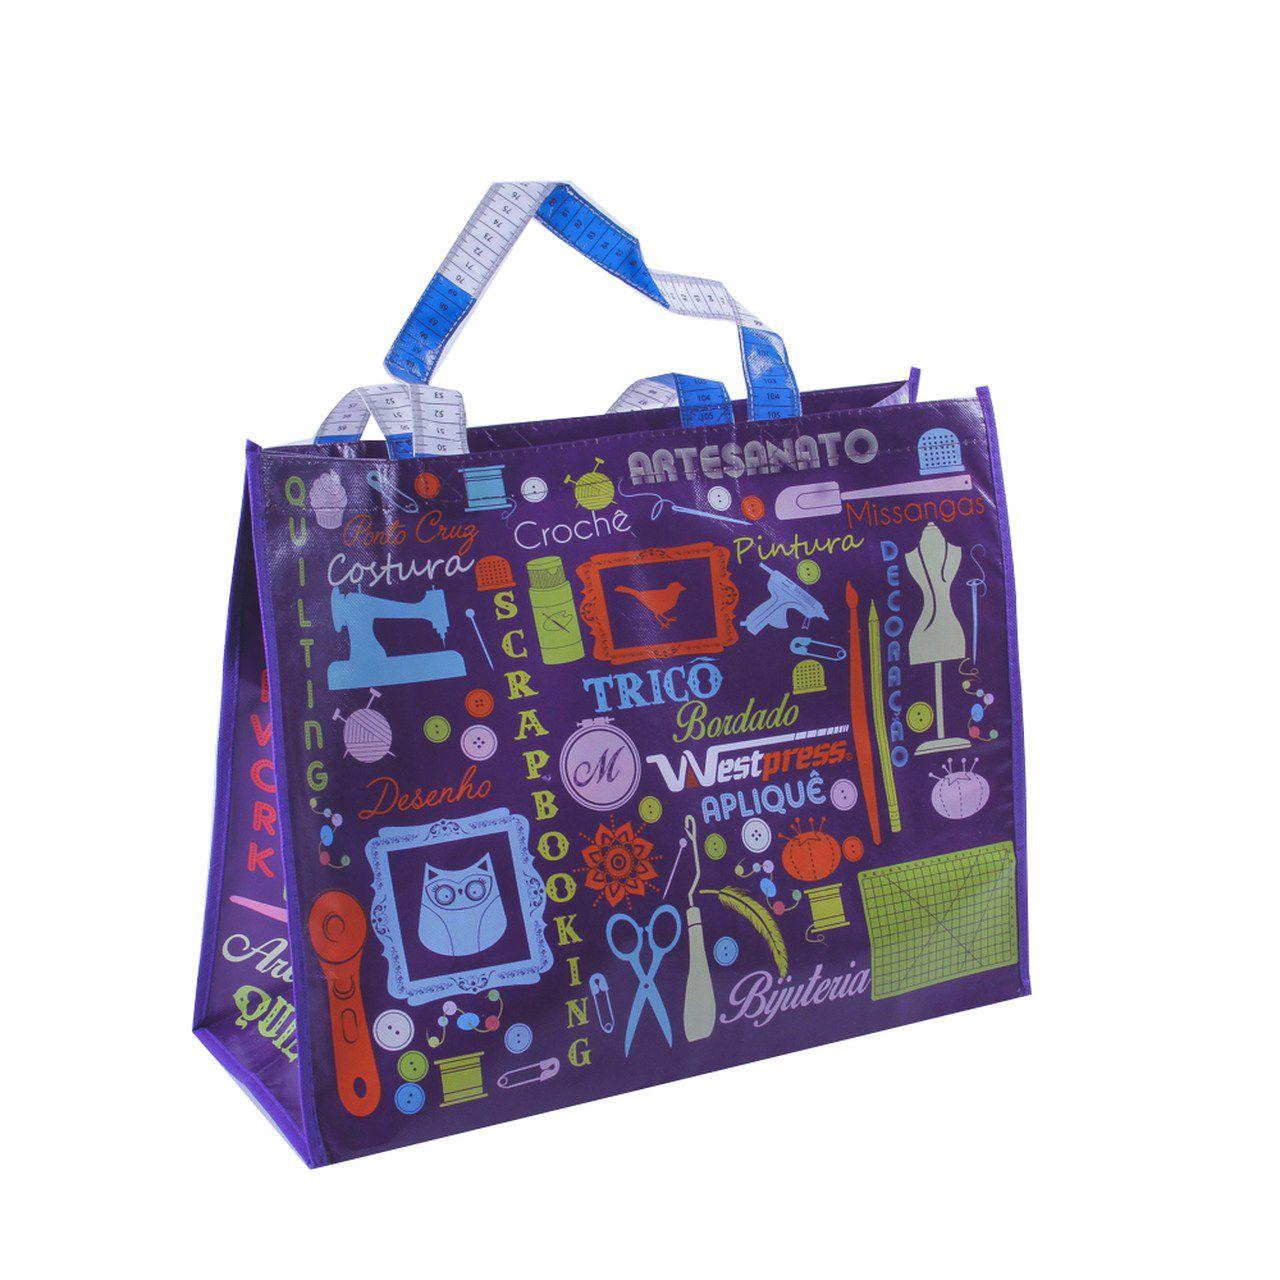 Sacola personalizada para costura e patchwork Westpress - Roxo